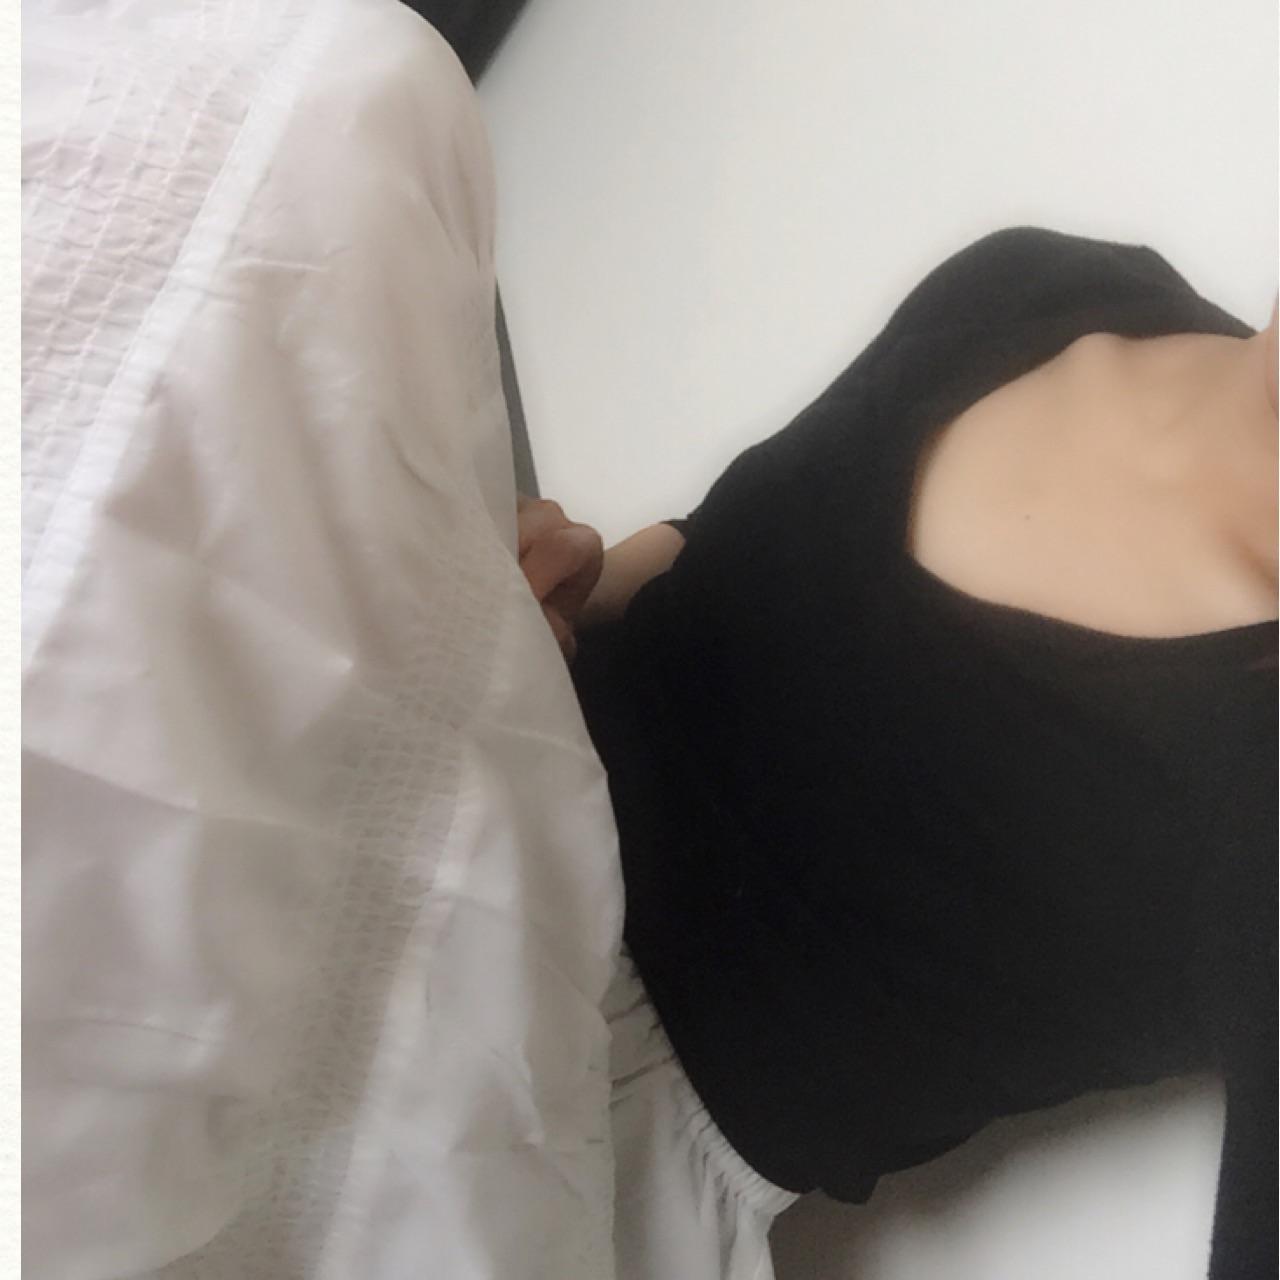 三田 よつば 03/22 13:04